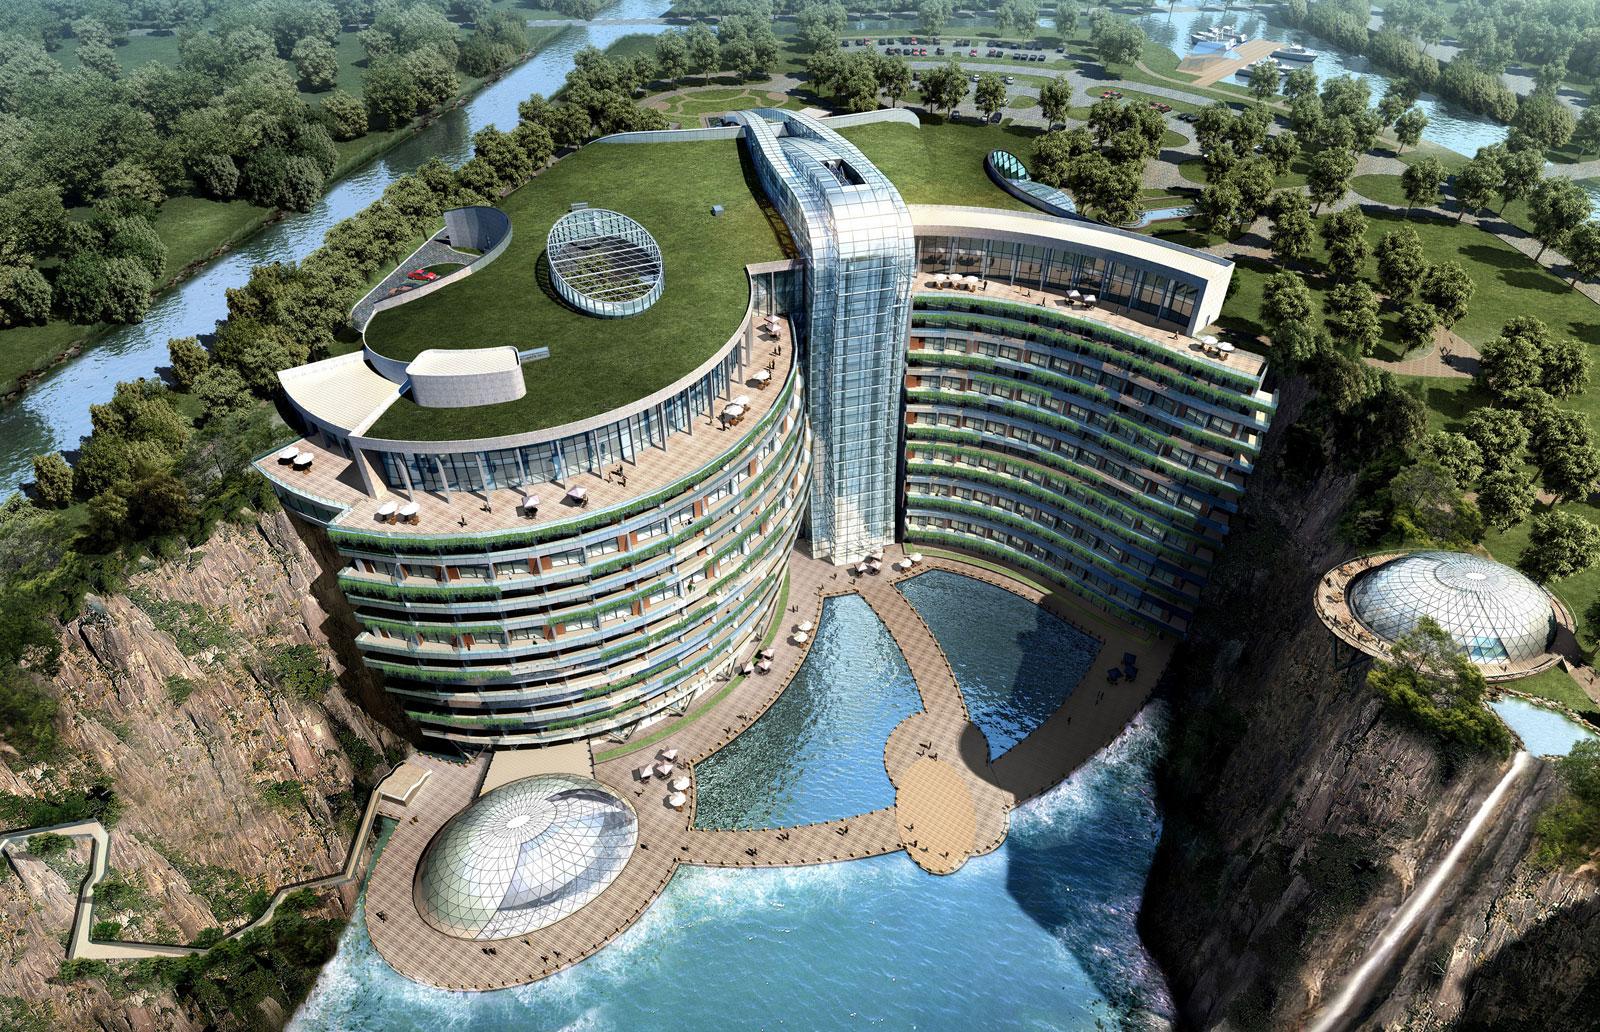 Топ-5 современных отелей, которые давно уже «живут» в 3019 году